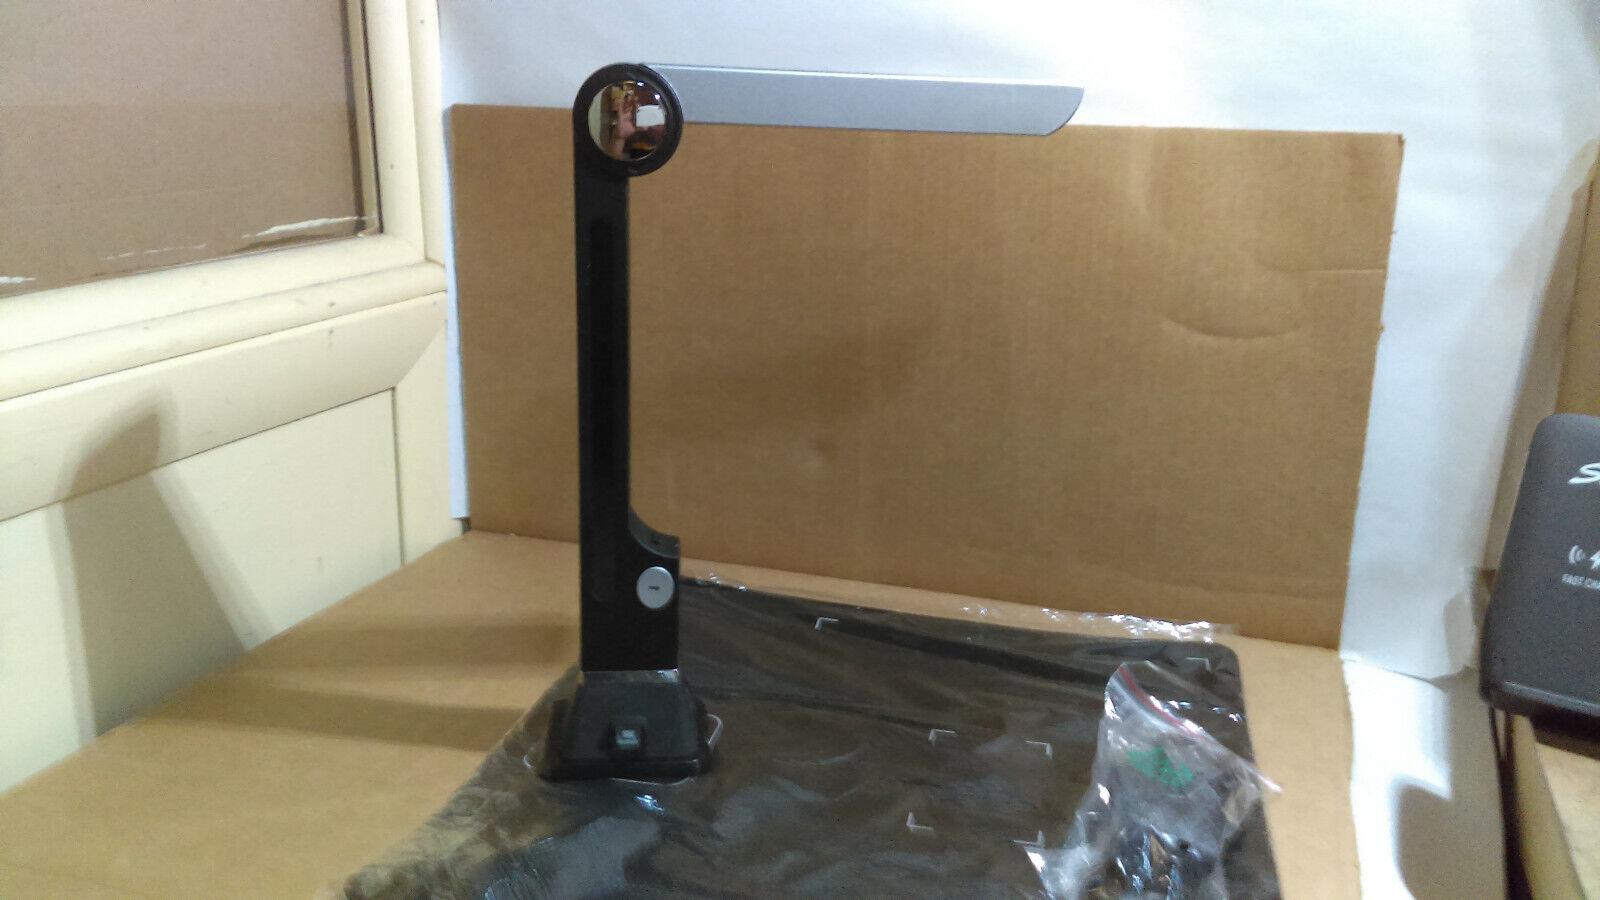 USB Portable High SpeedO  Document LED Light Camera Scanner